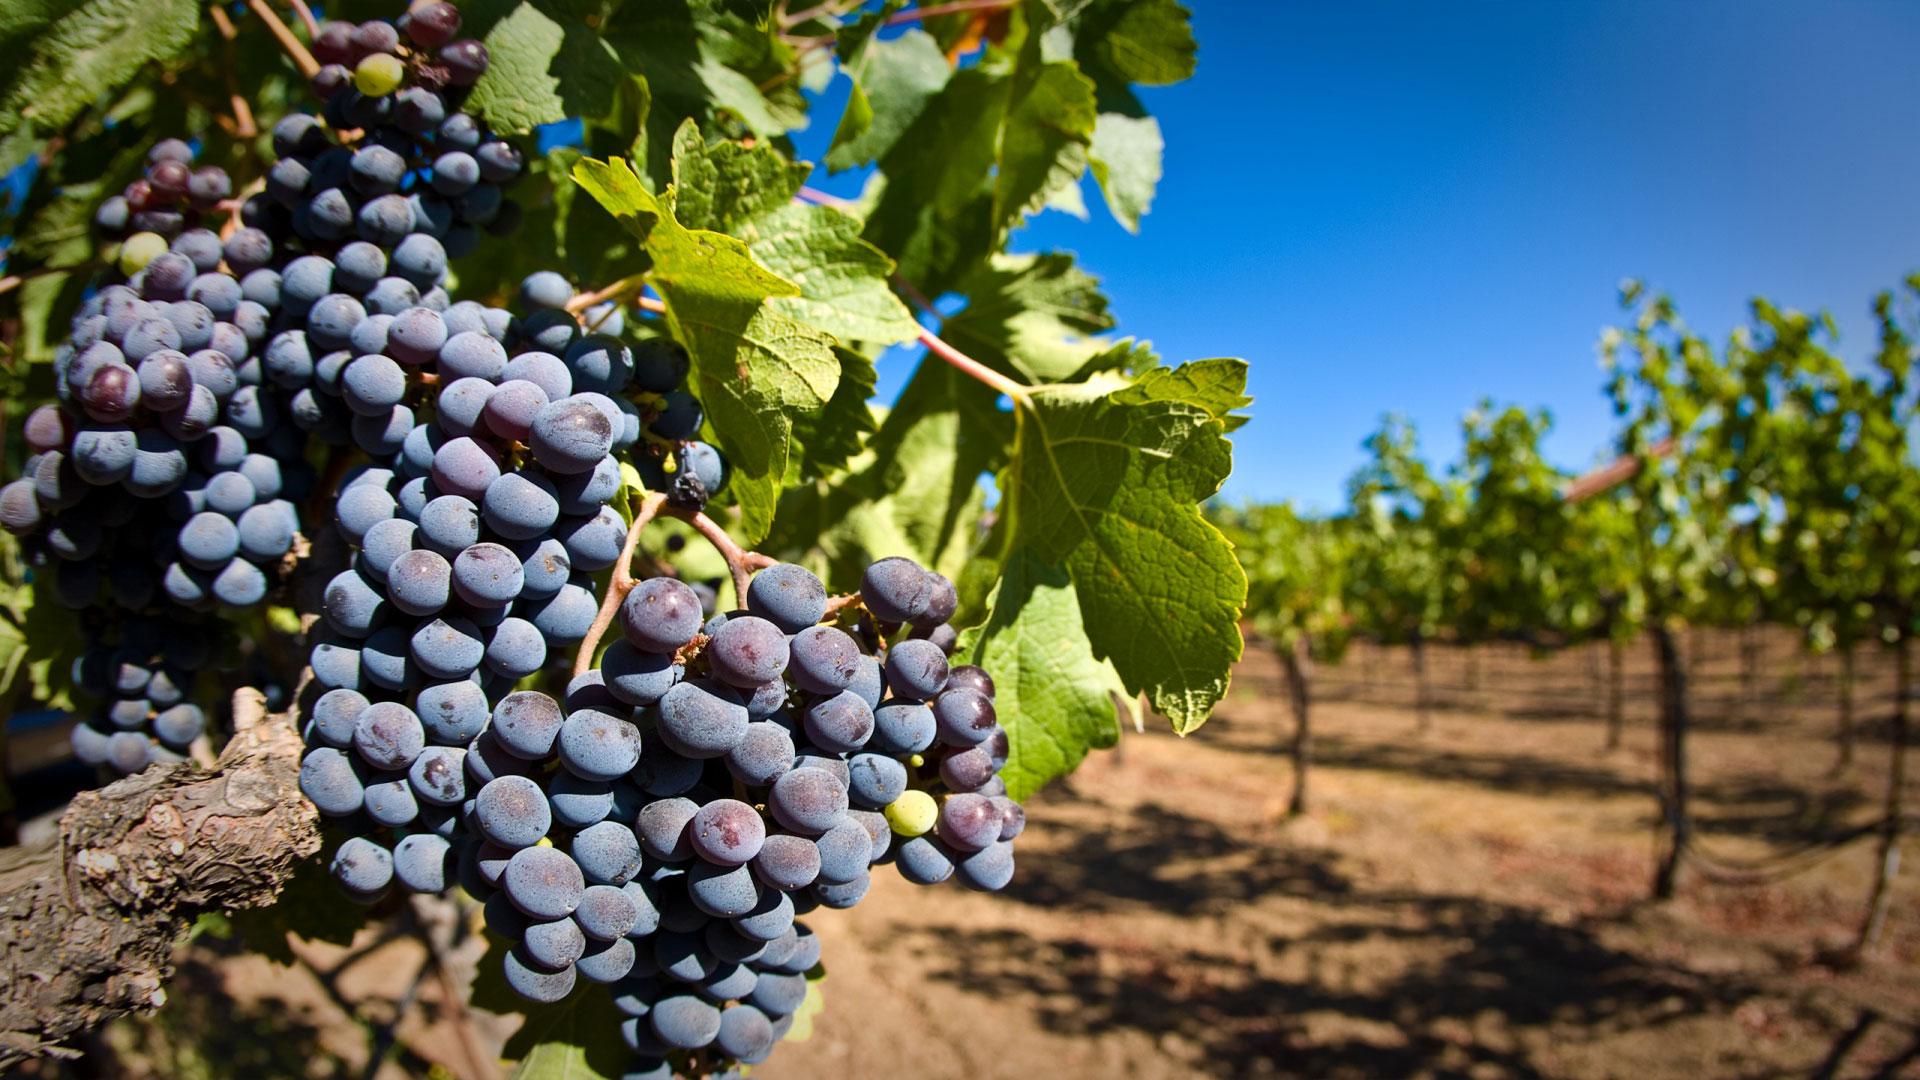 Чем и как подкормить виноград на дачном участке: рекомендации по внесению удобрений